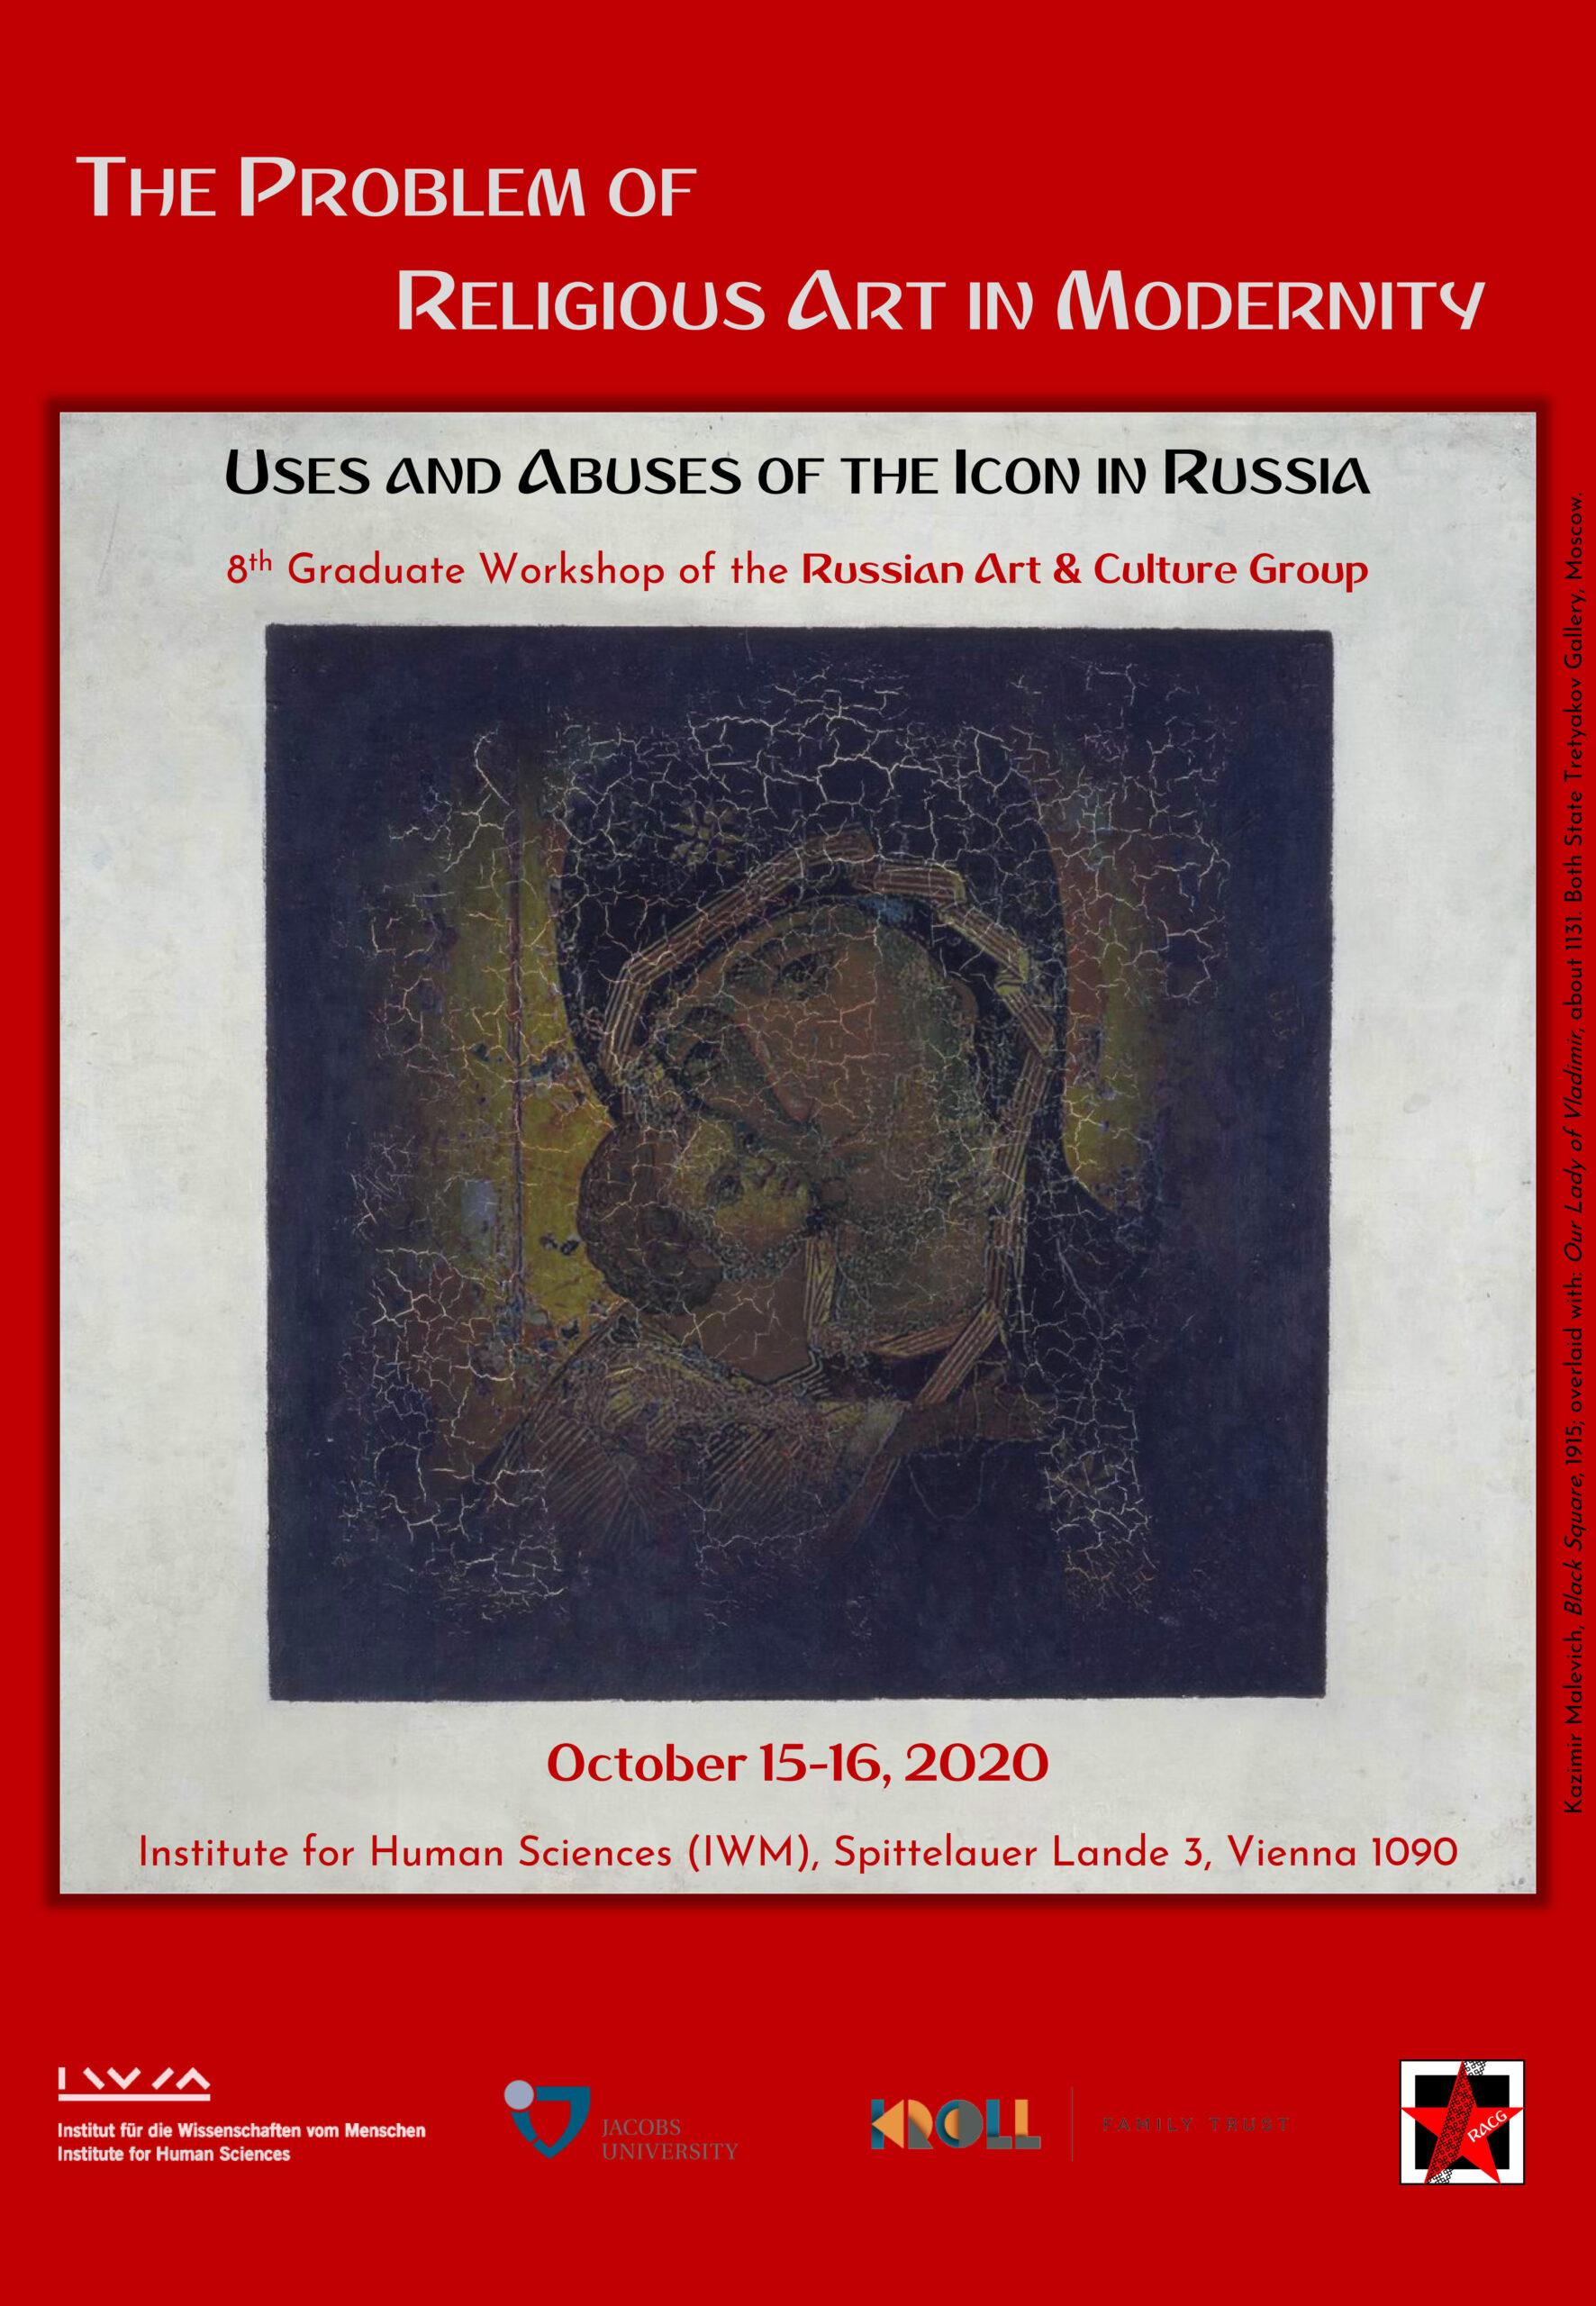 Workshop Poster Revealed